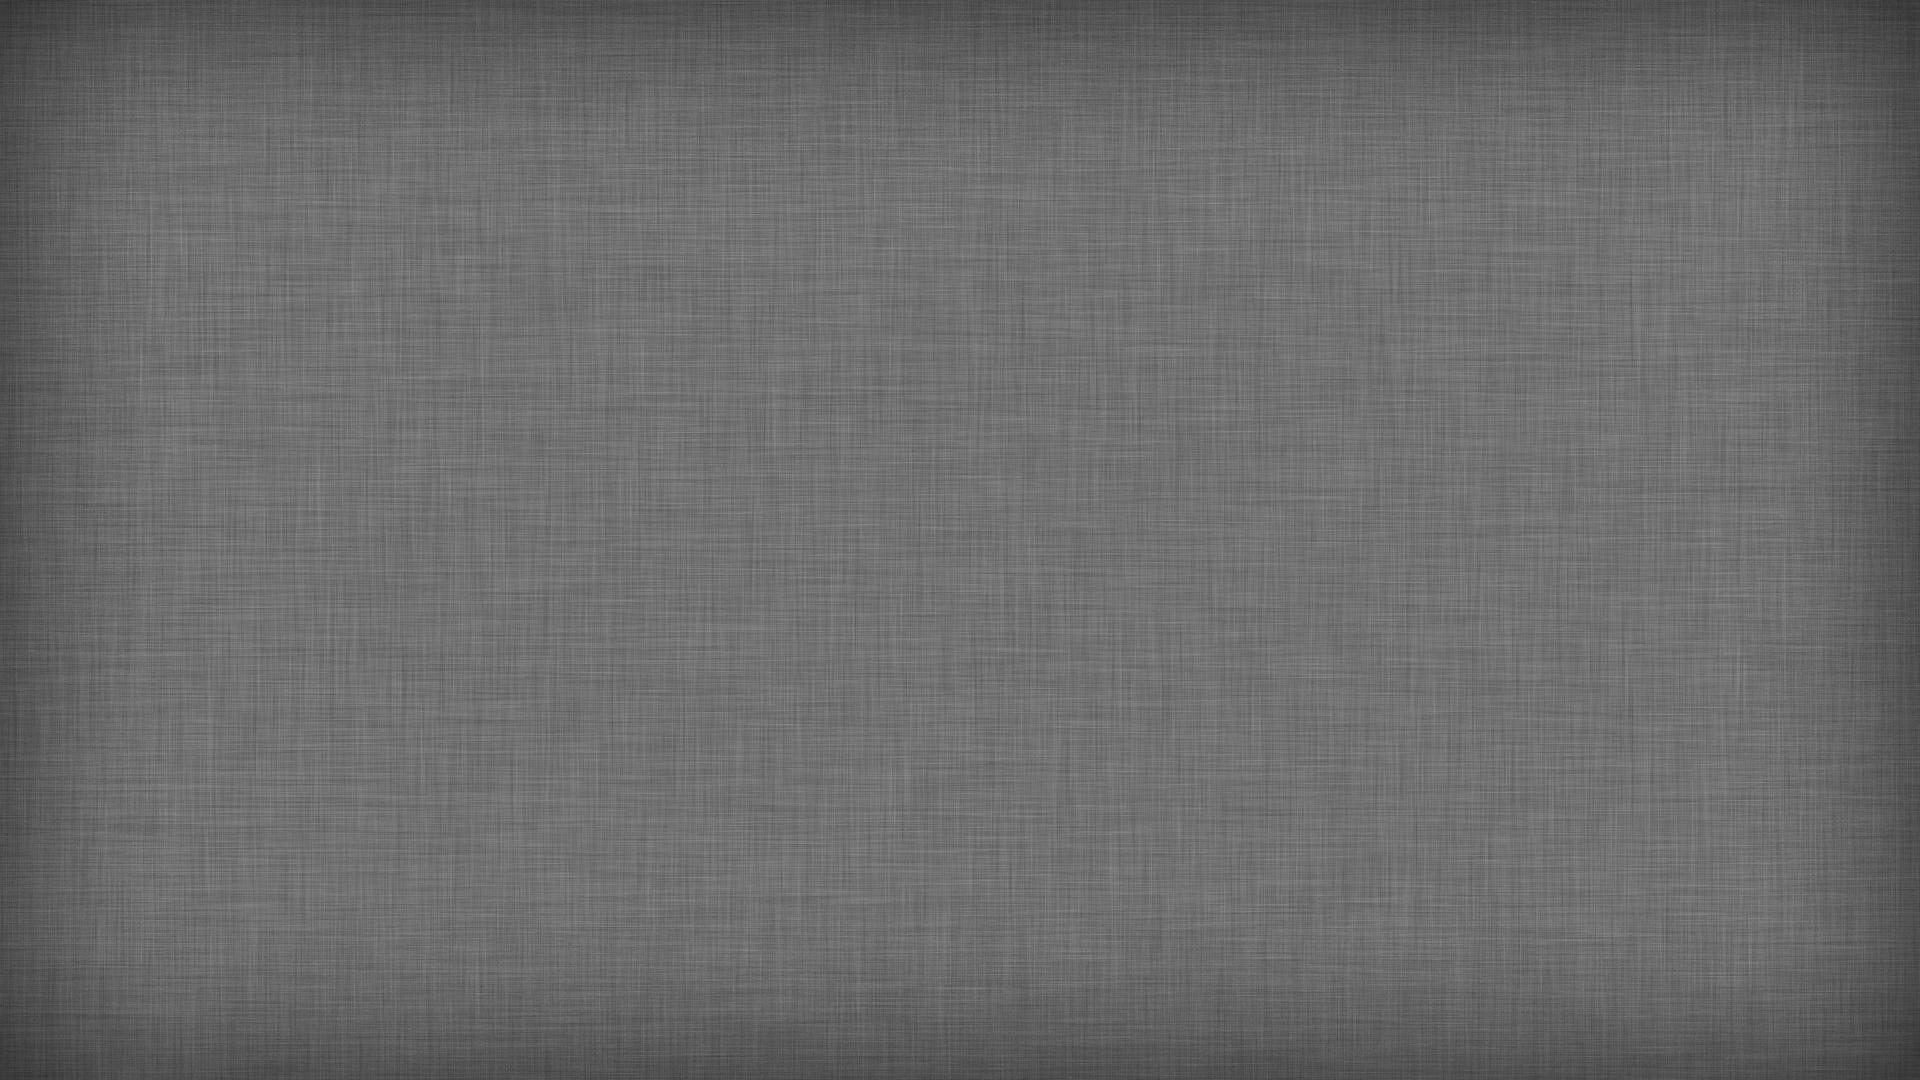 [Bild: ios_linen_texture_wallpaper_by_vegardhw-d3dc7r1.png]